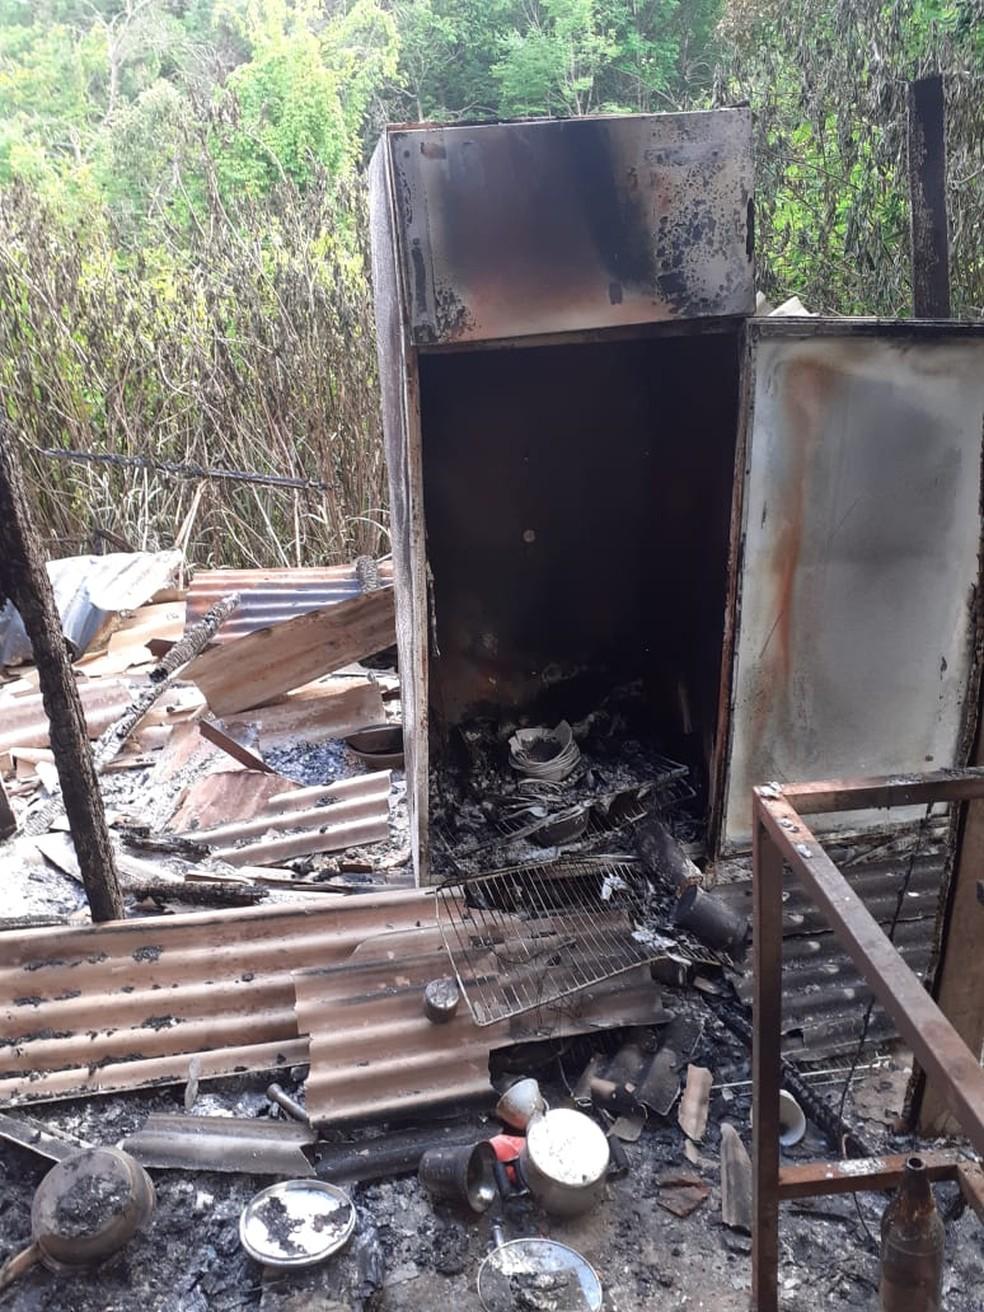 Objetos de templo umbandista em Planaltina, no DF ficaram destruídos após incêndio — Foto: Arquivo pessoal